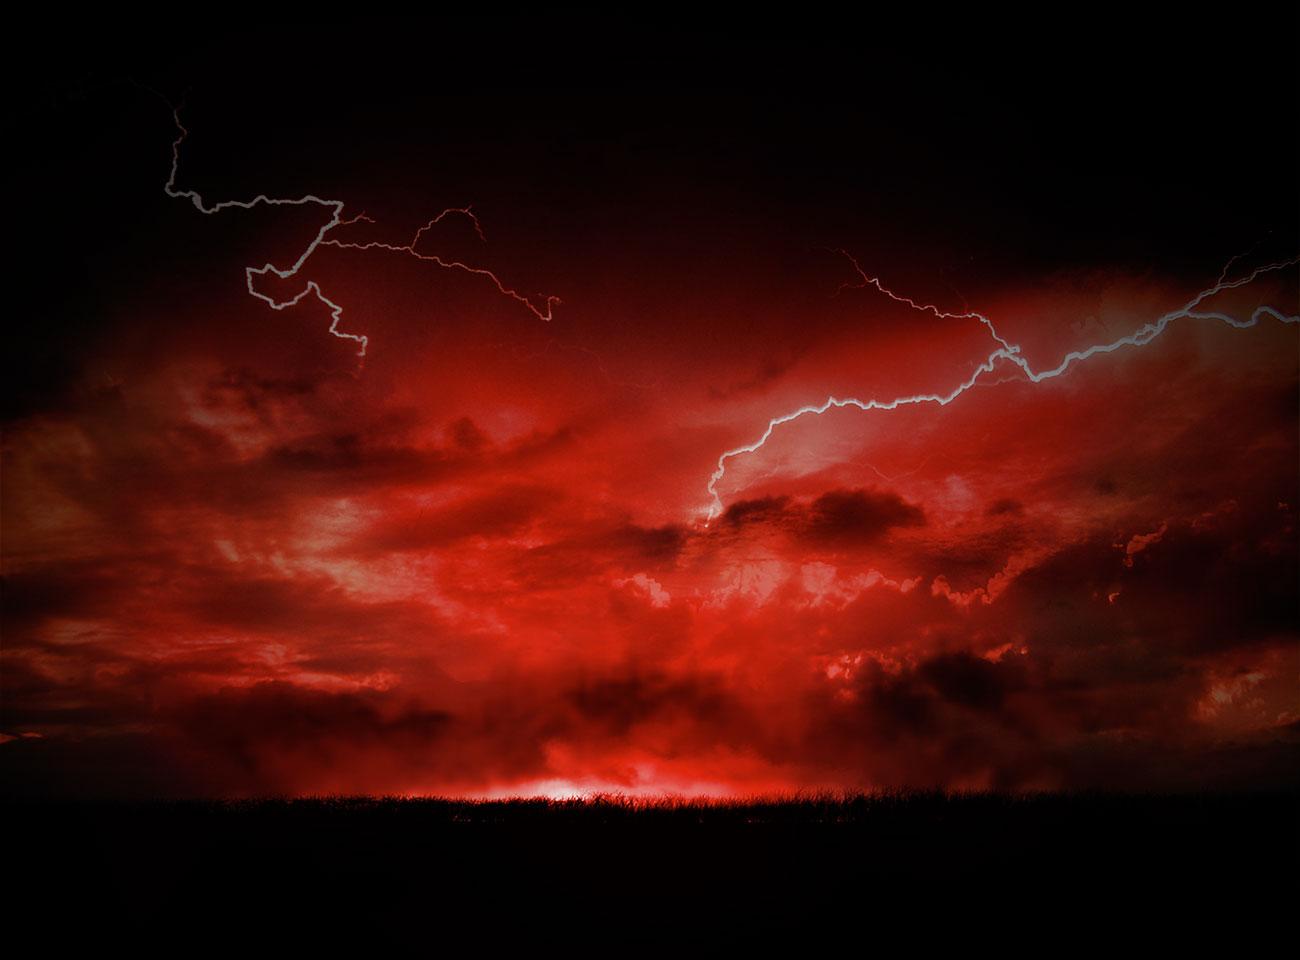 Hellboy/B.P.R.D